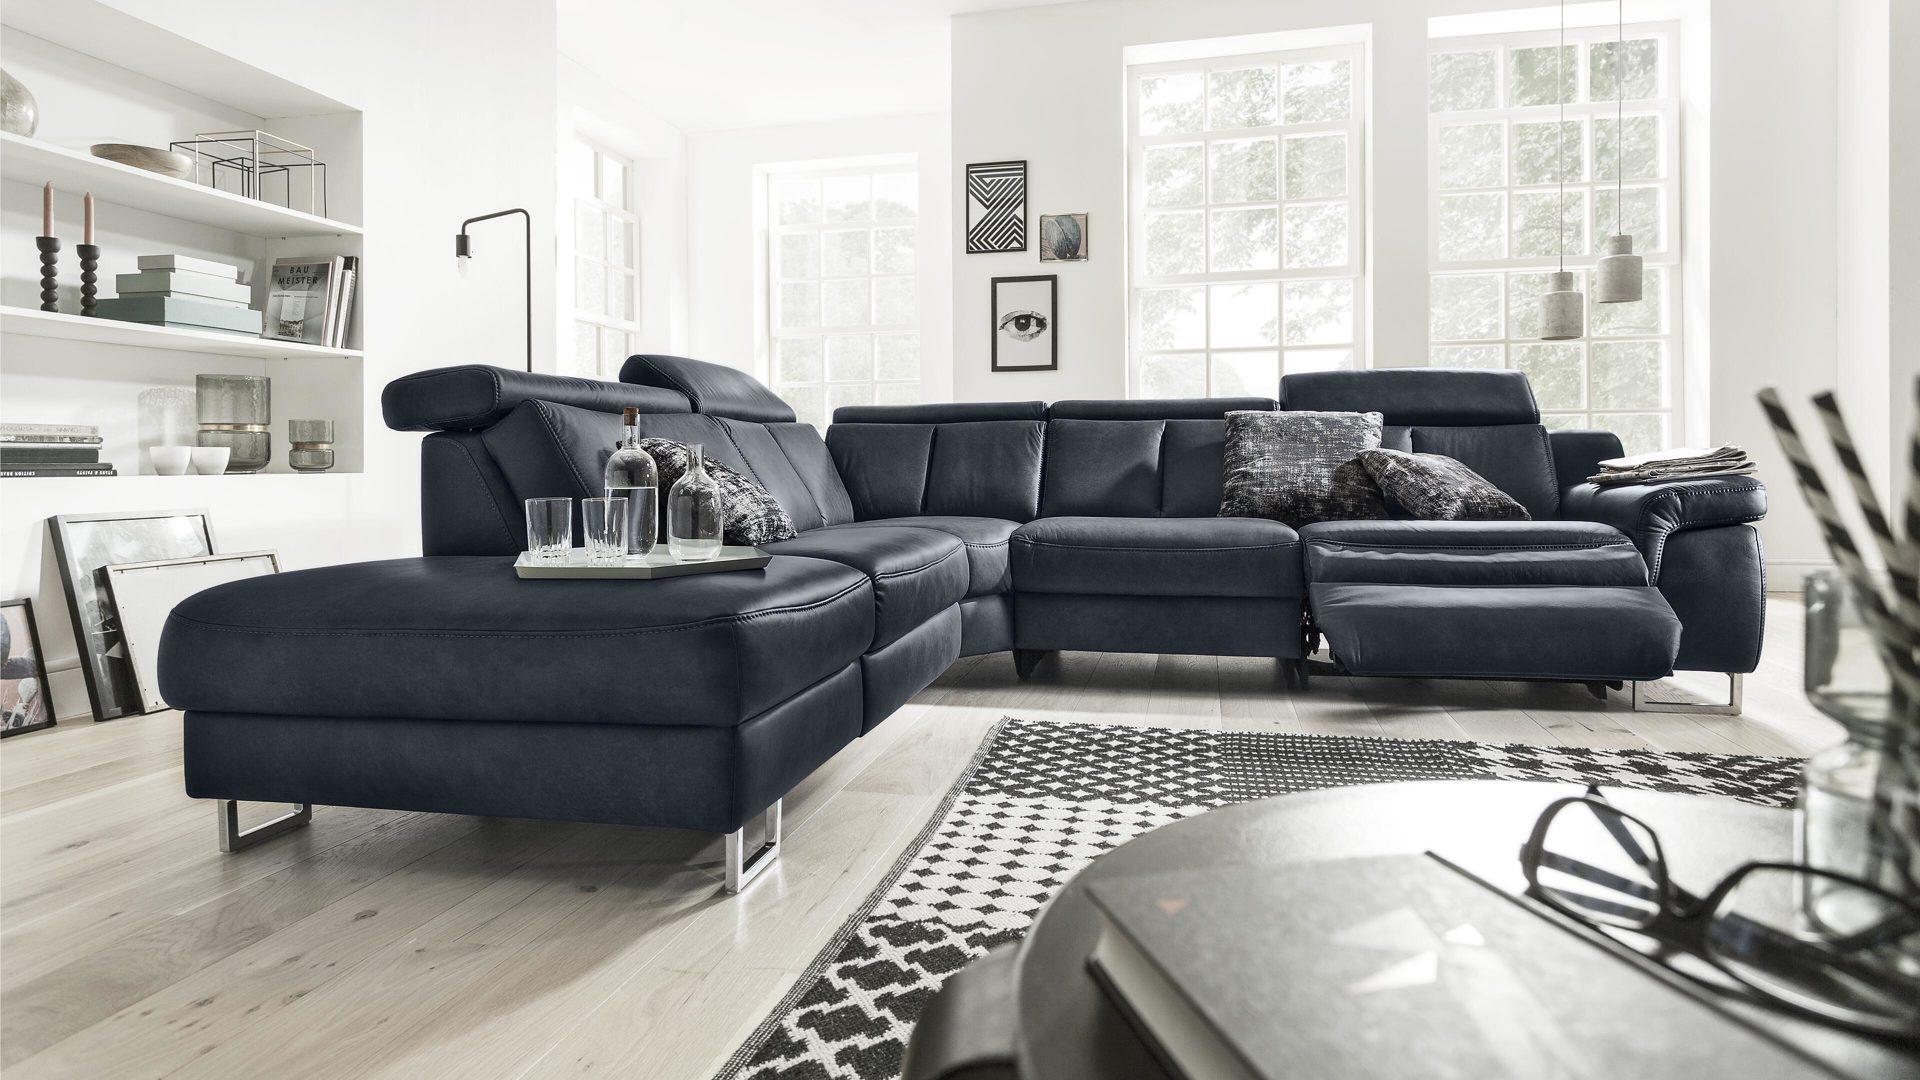 Wohnzimmer Couch Blau Bequem Blaue Couch In Weiss Wohnzimmer